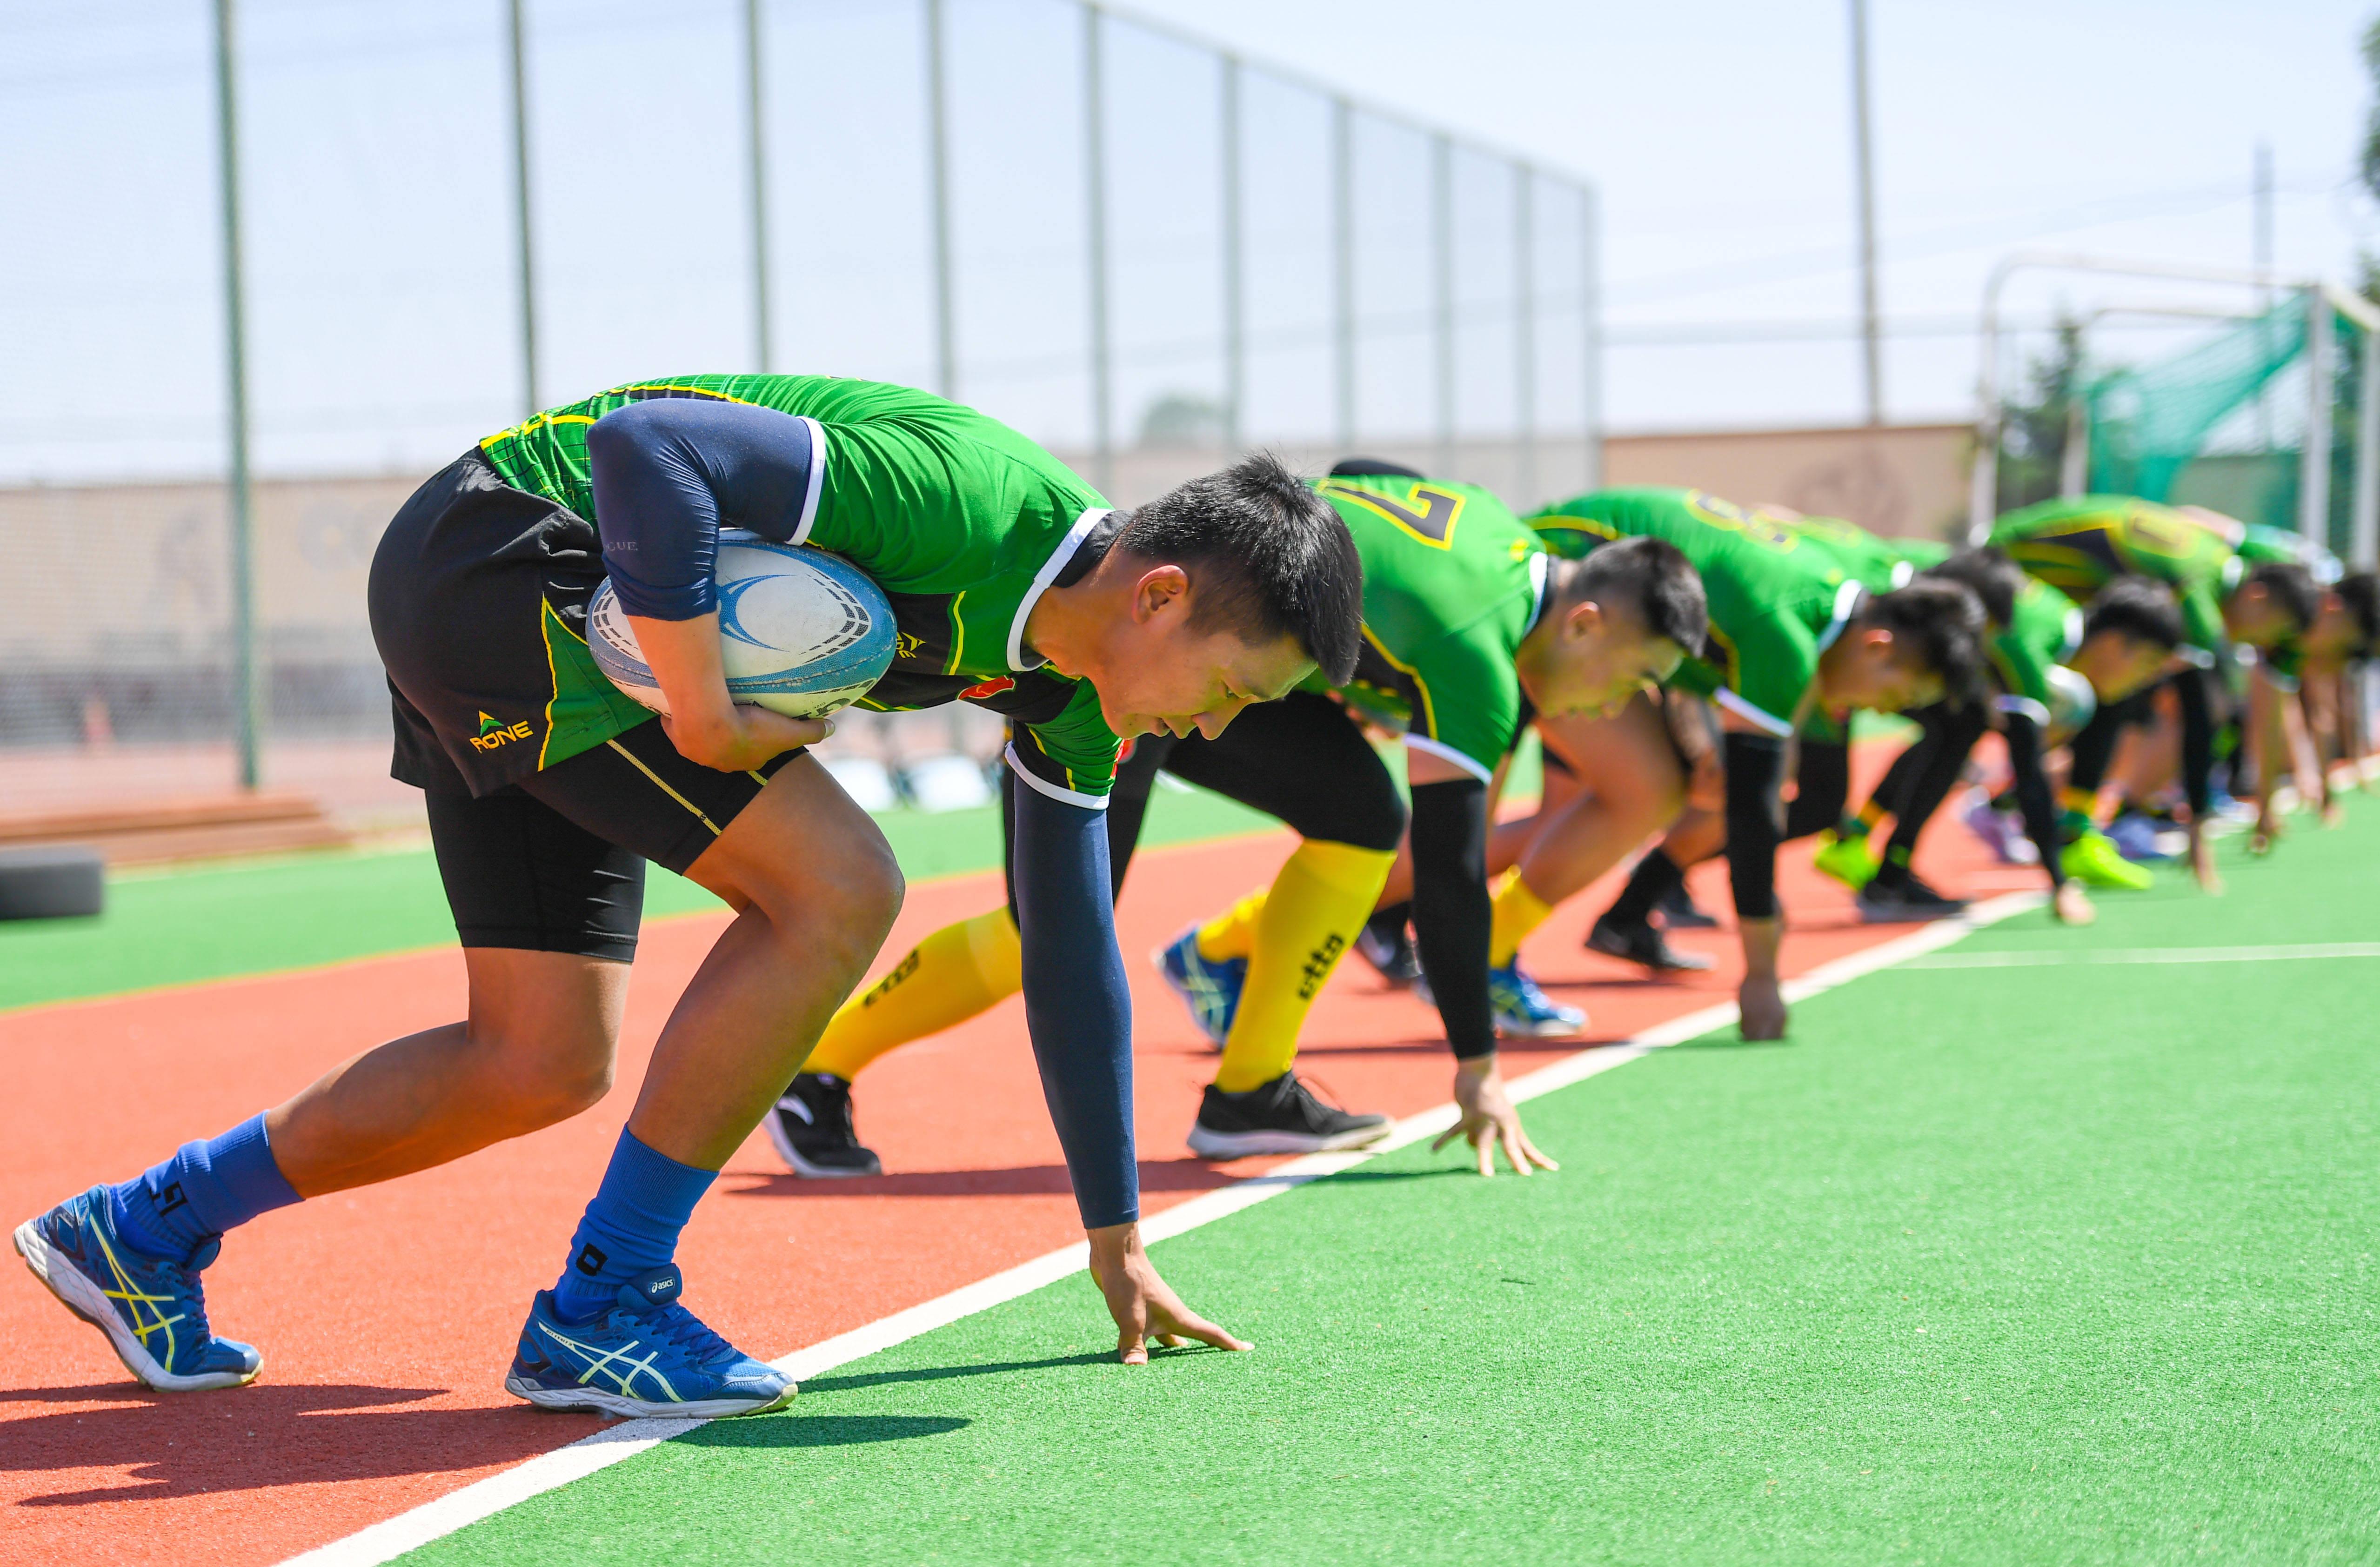 橄榄球——内蒙古橄榄球队训练备战